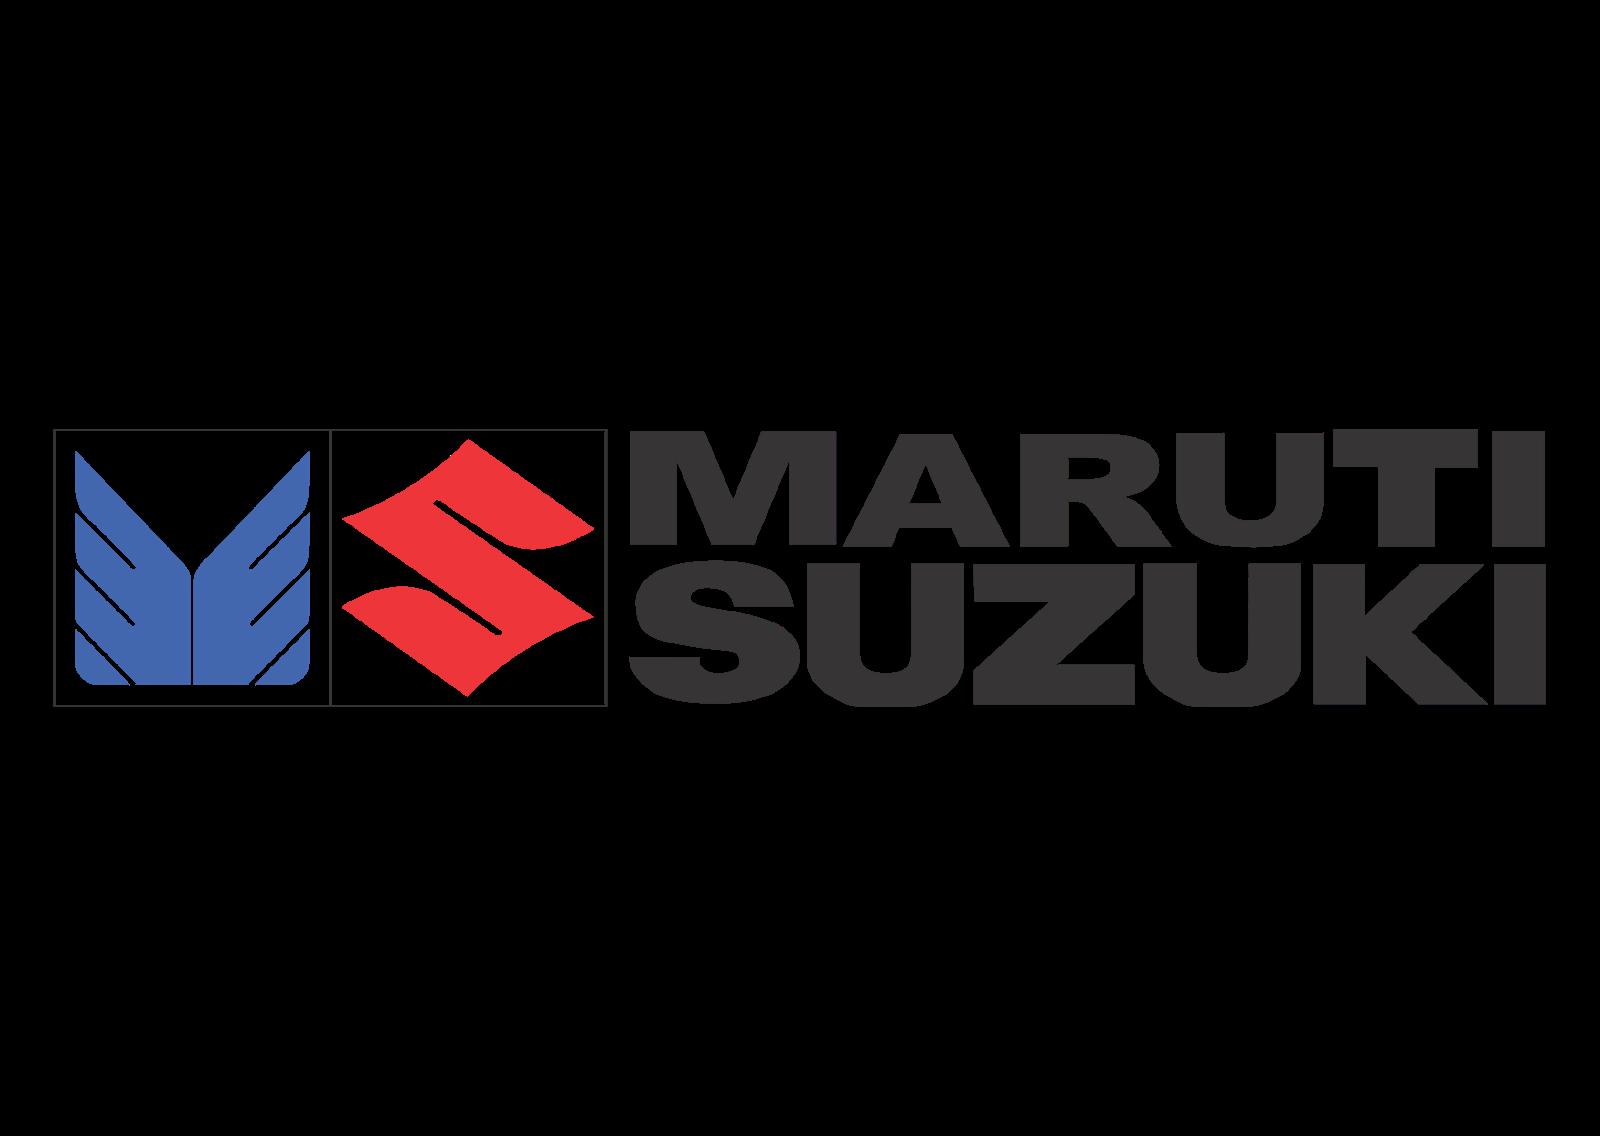 maruti-suzuki-vector-logo.png